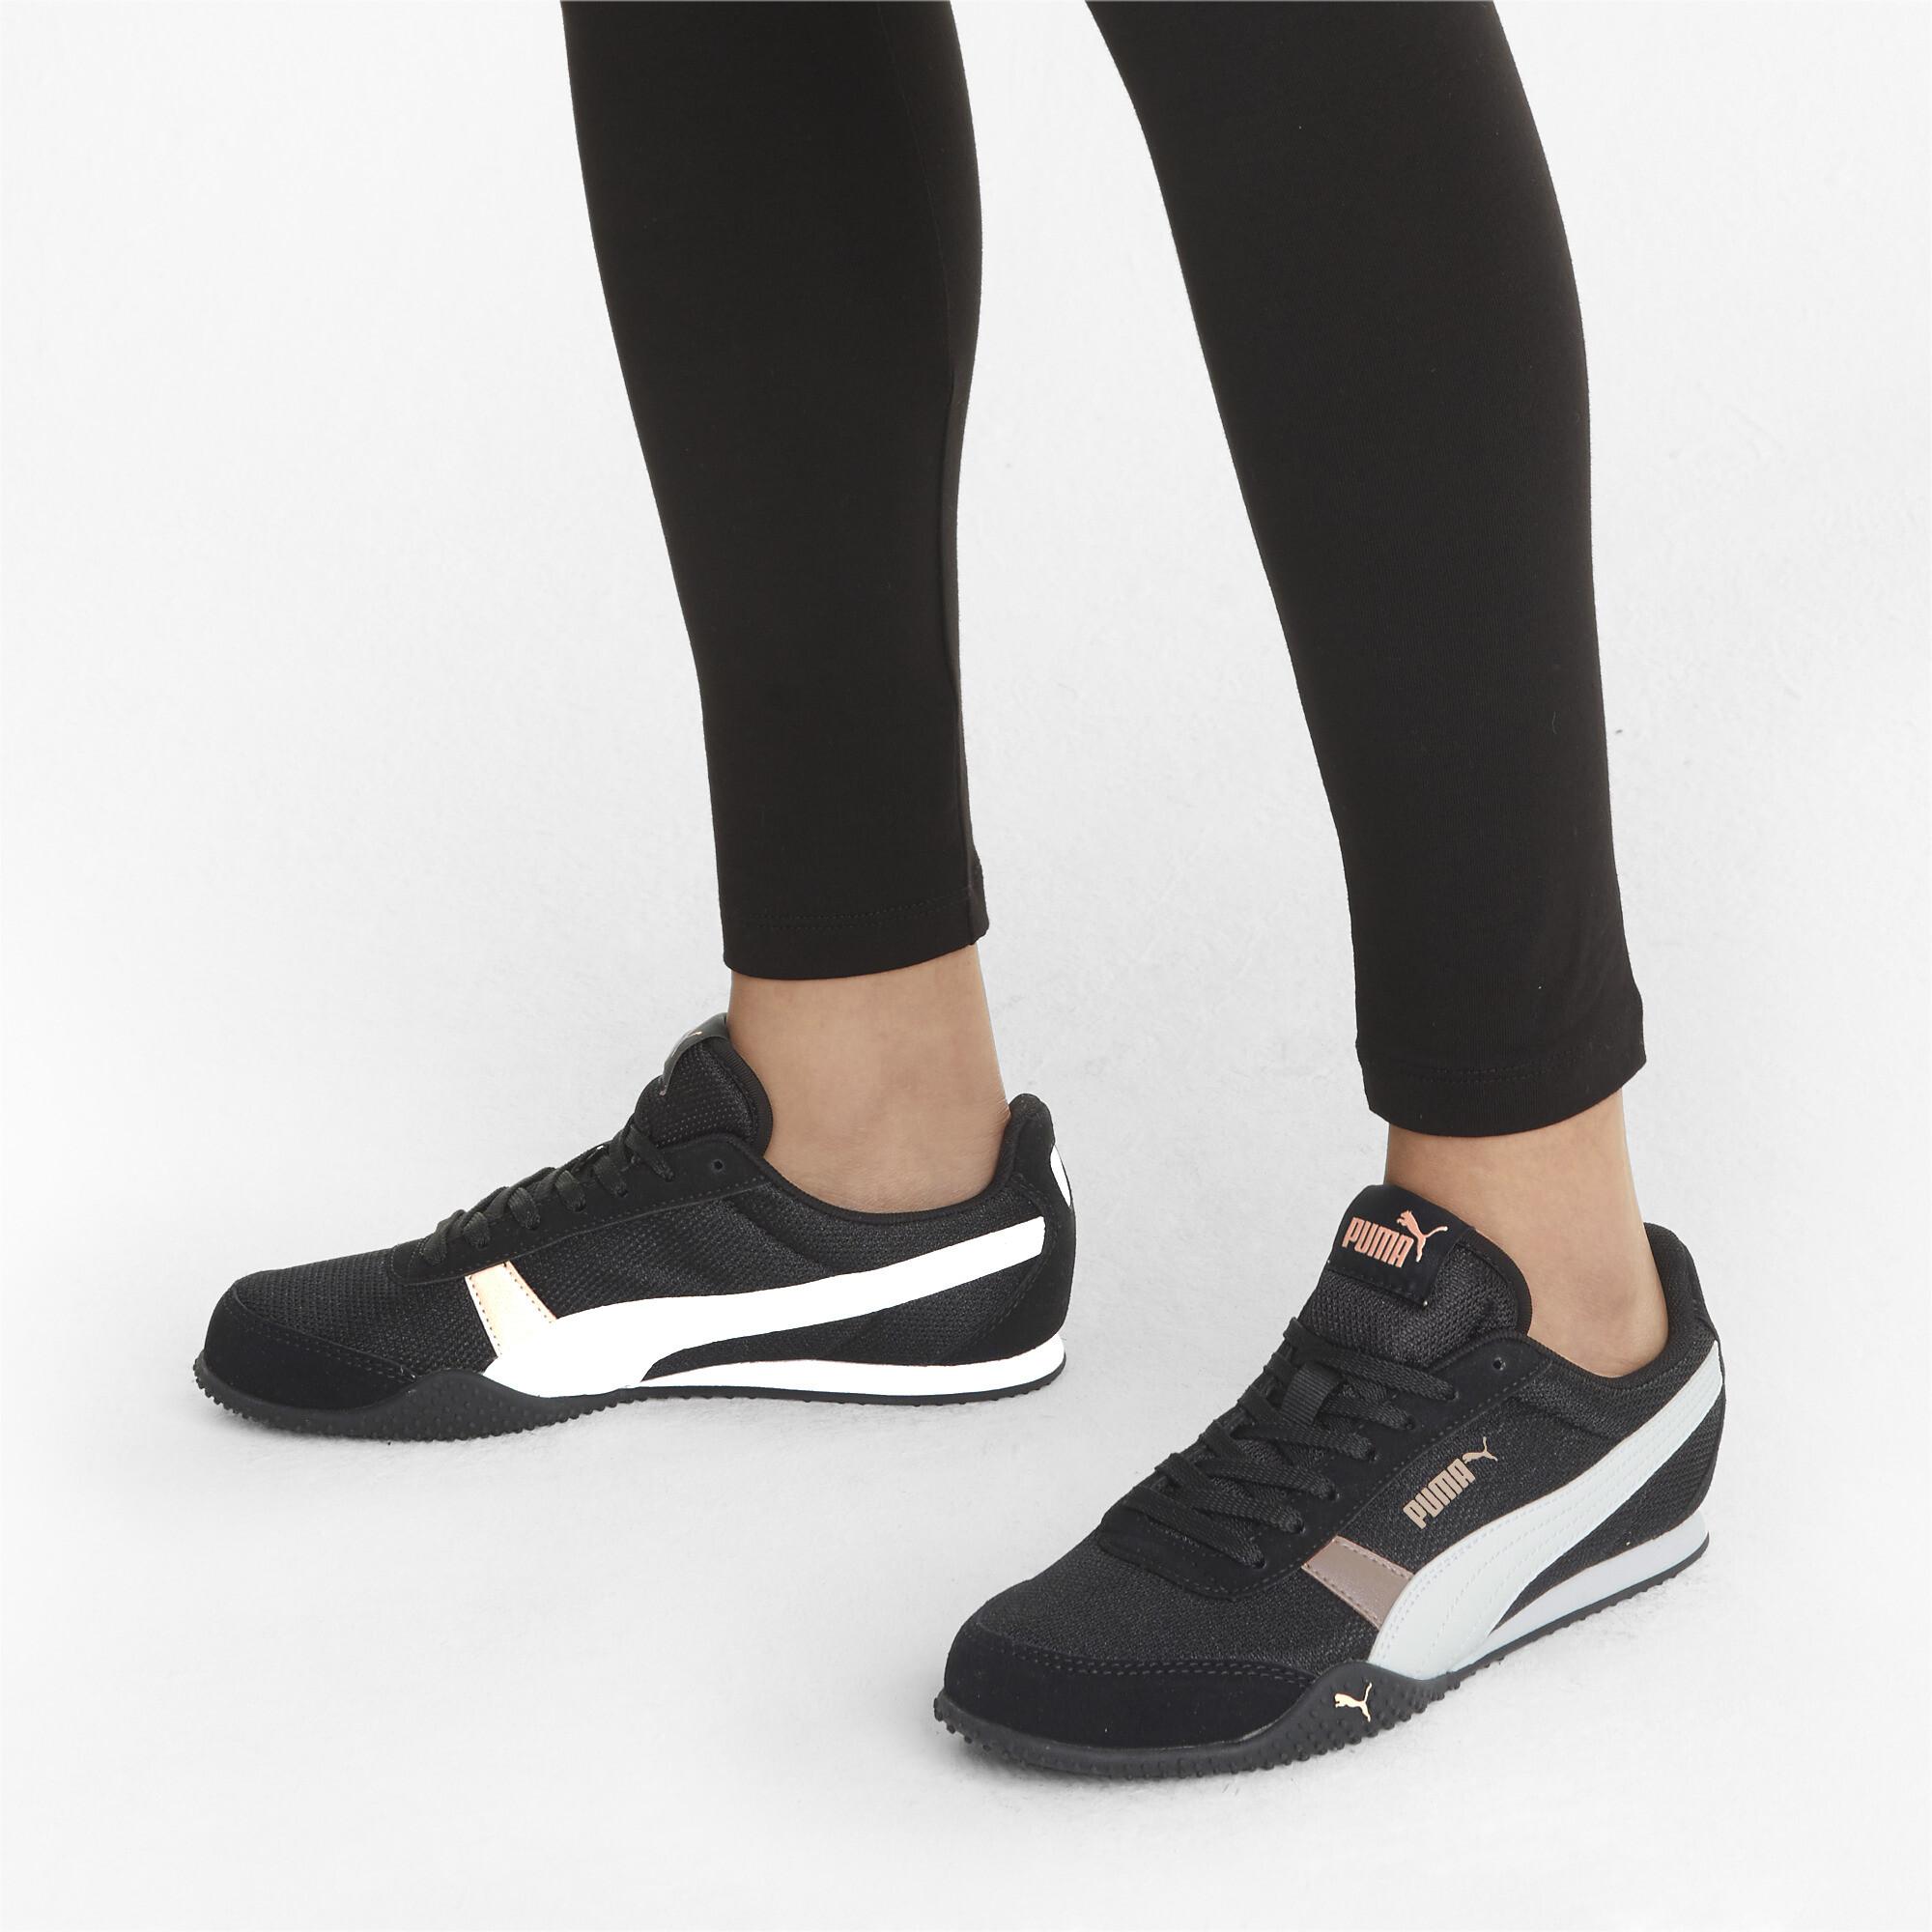 PUMA Women's Bella Sneakers | eBay